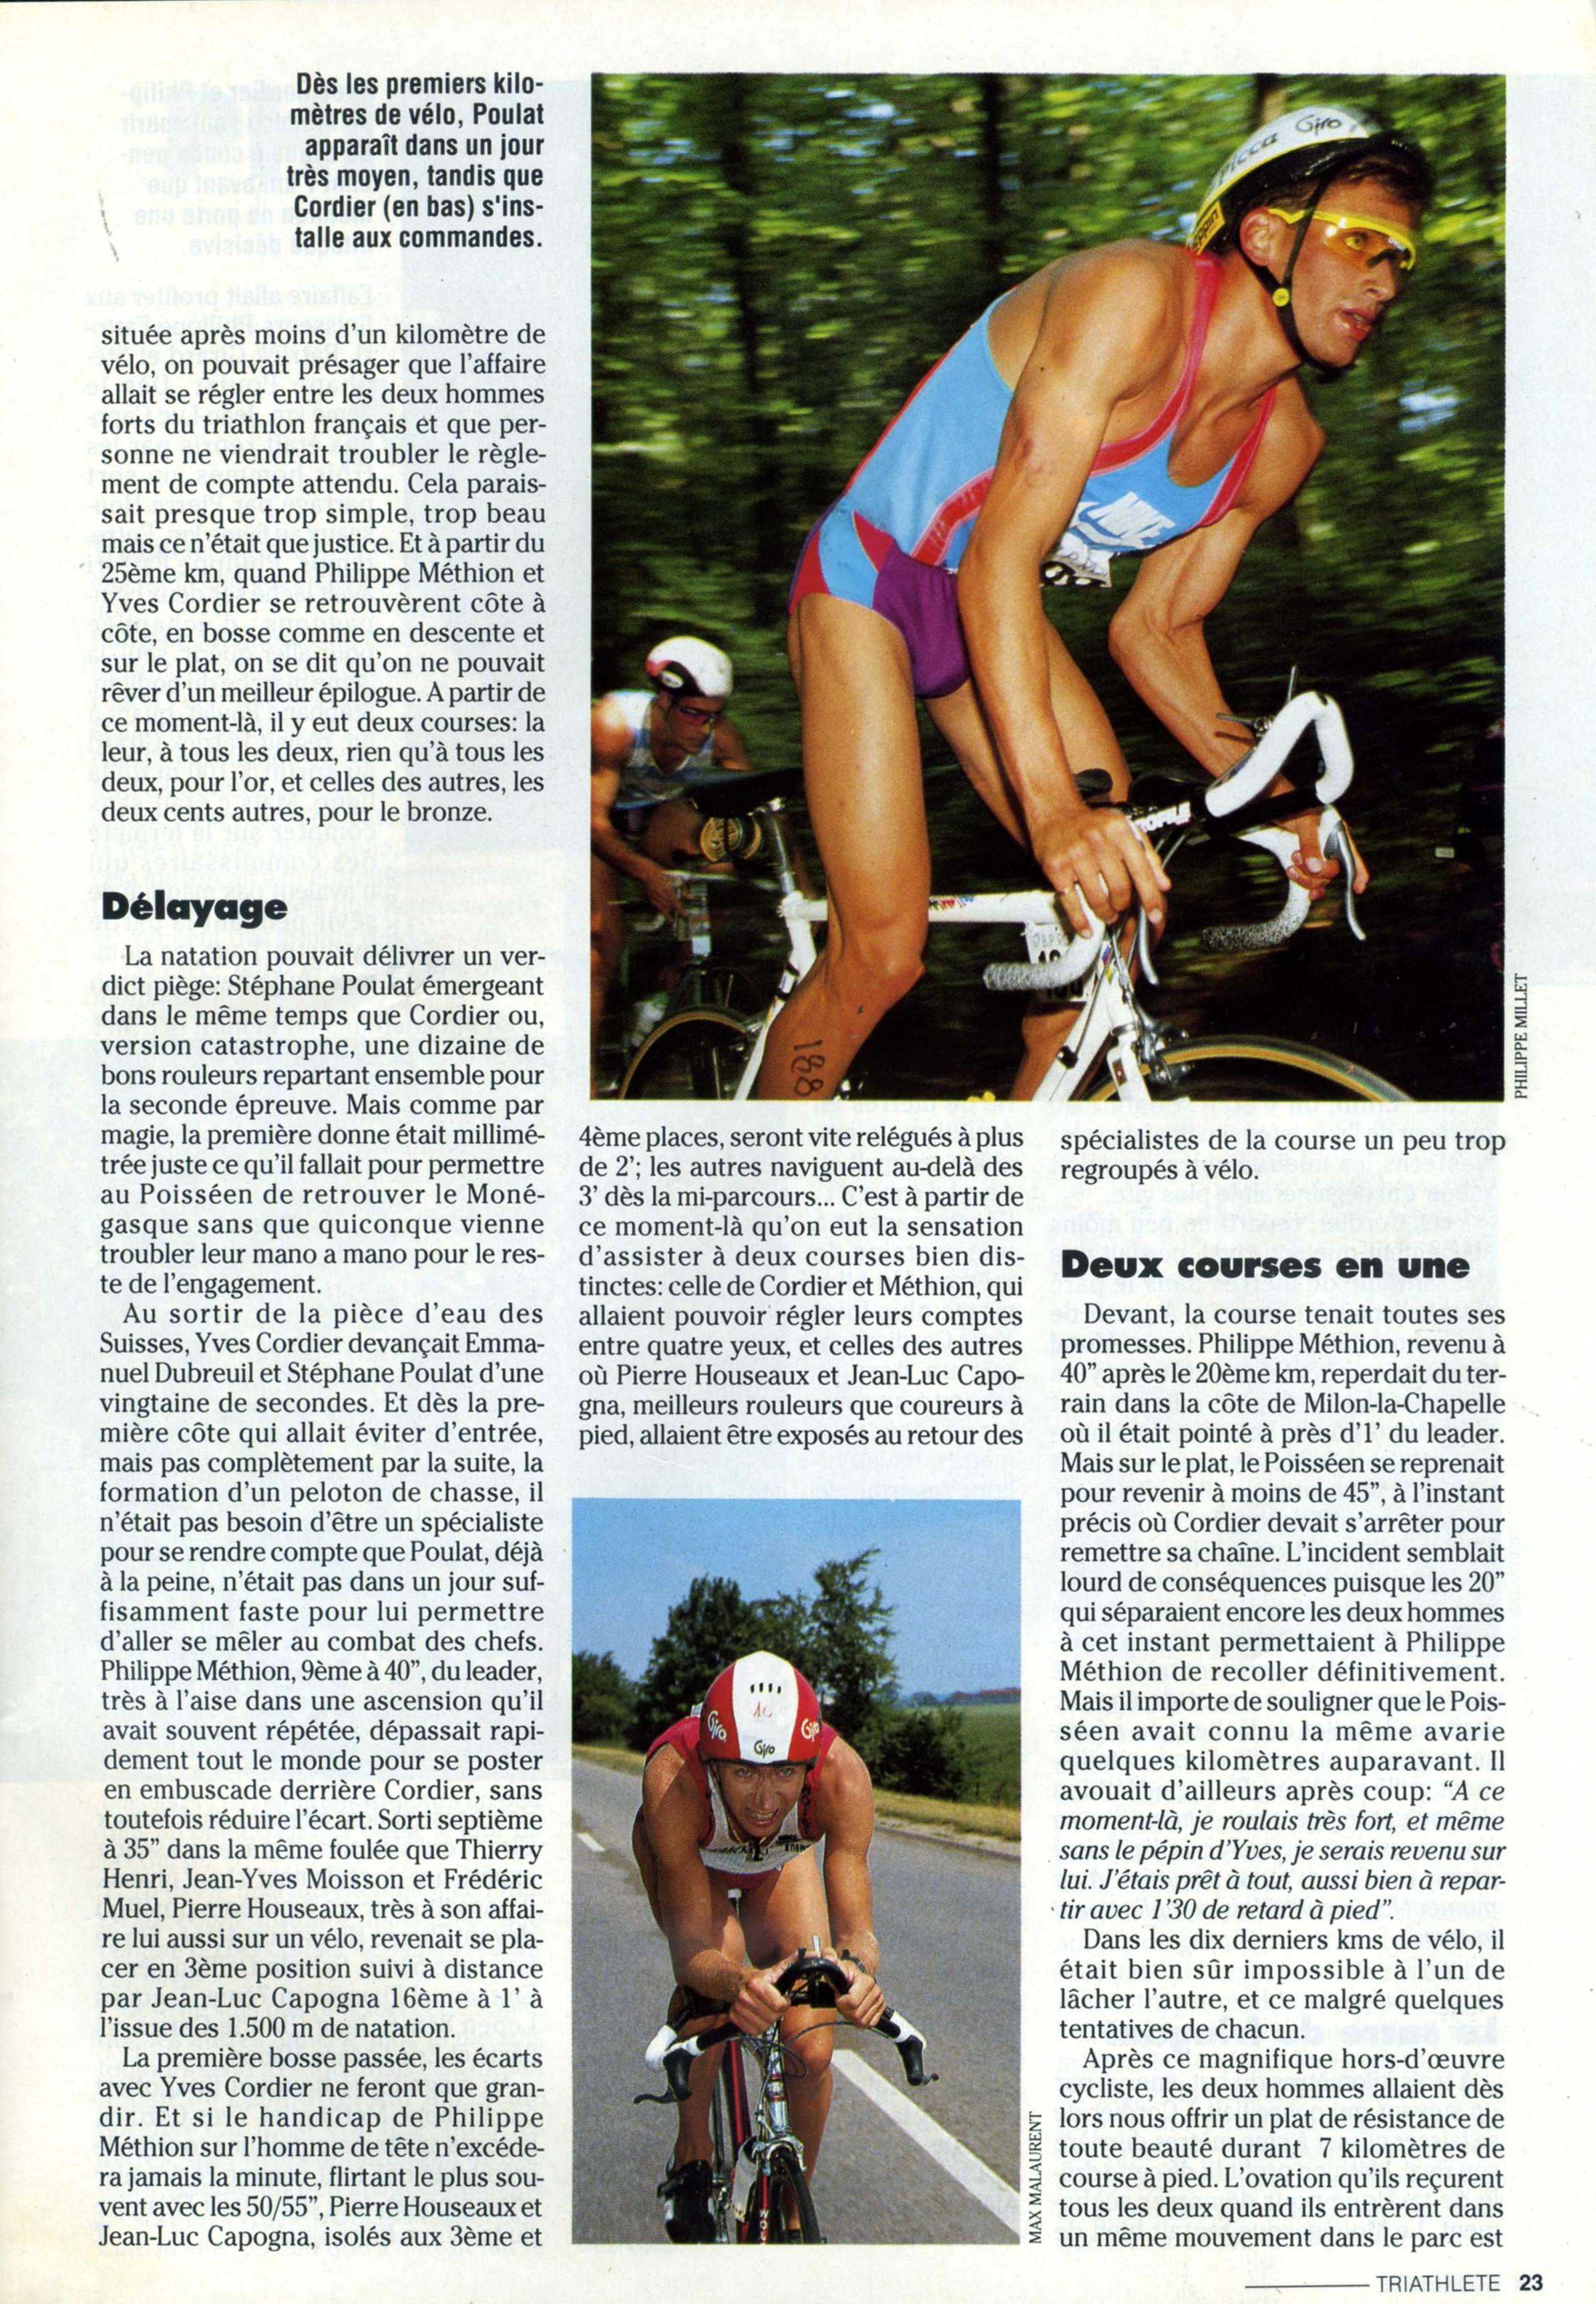 img[A]213_29-juin-1991_VERSAILLES